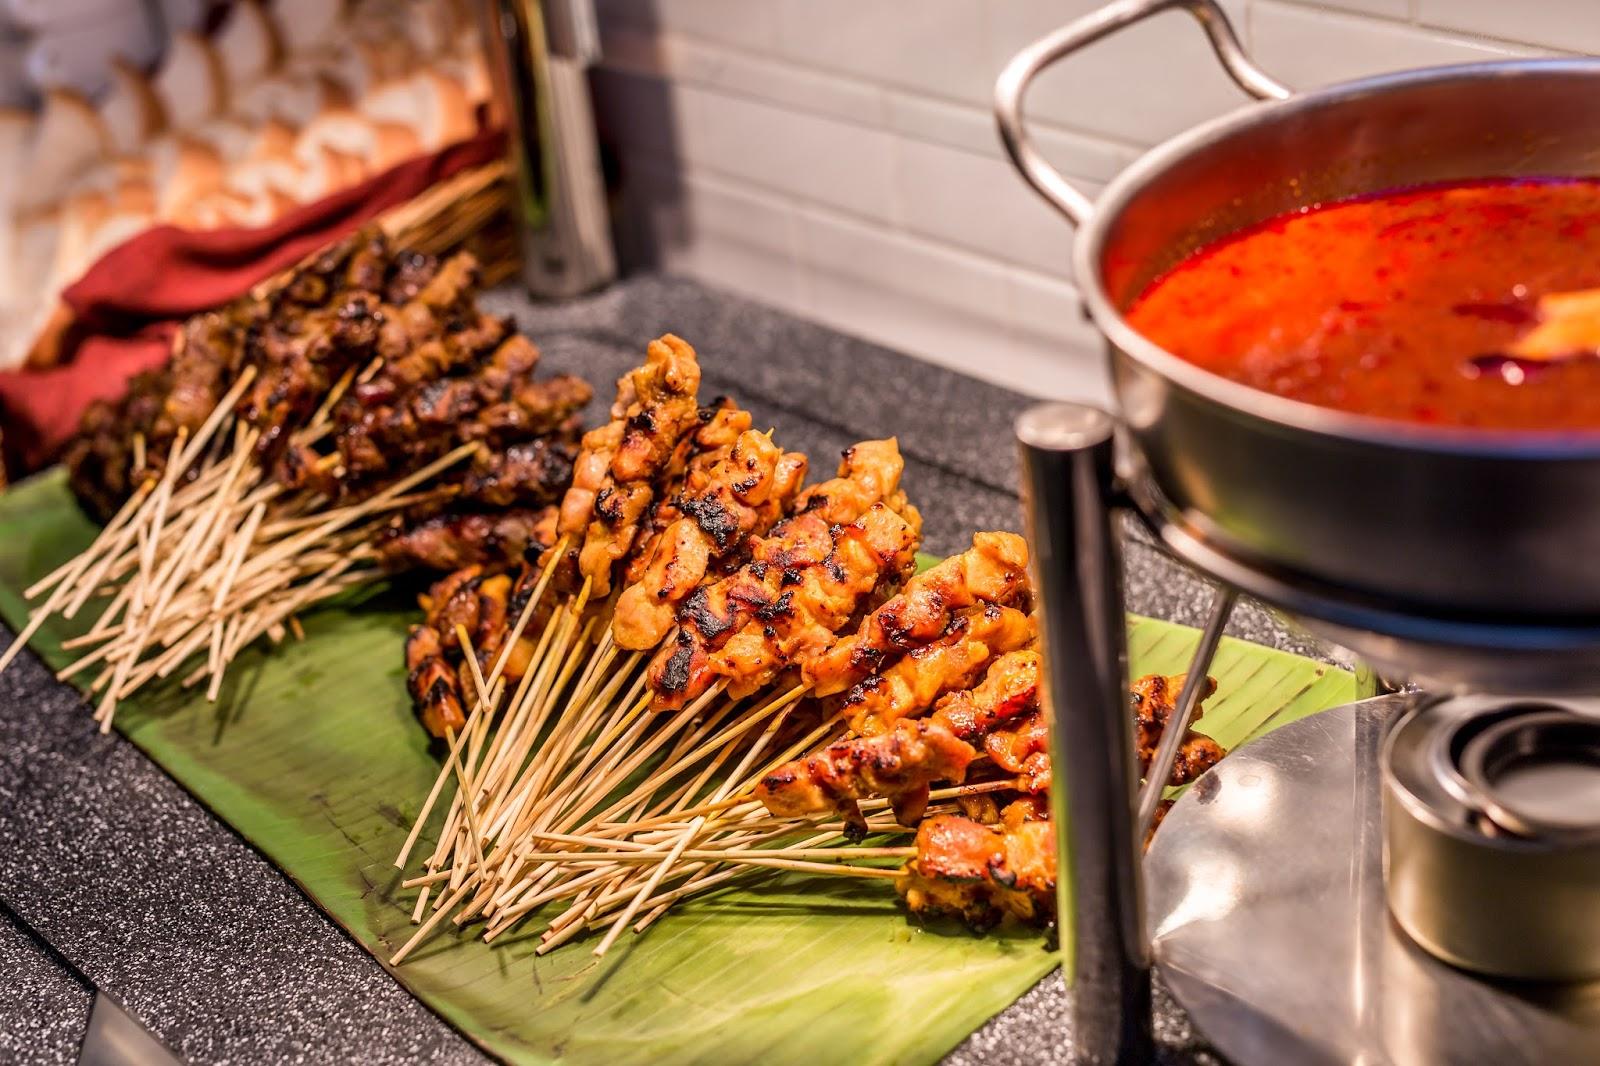 Xem chương trình du lịch tương tác trực tuyến của KingGo mới biết có một Malaysia đẹp hút hồn tới vậy! - Ảnh 24.